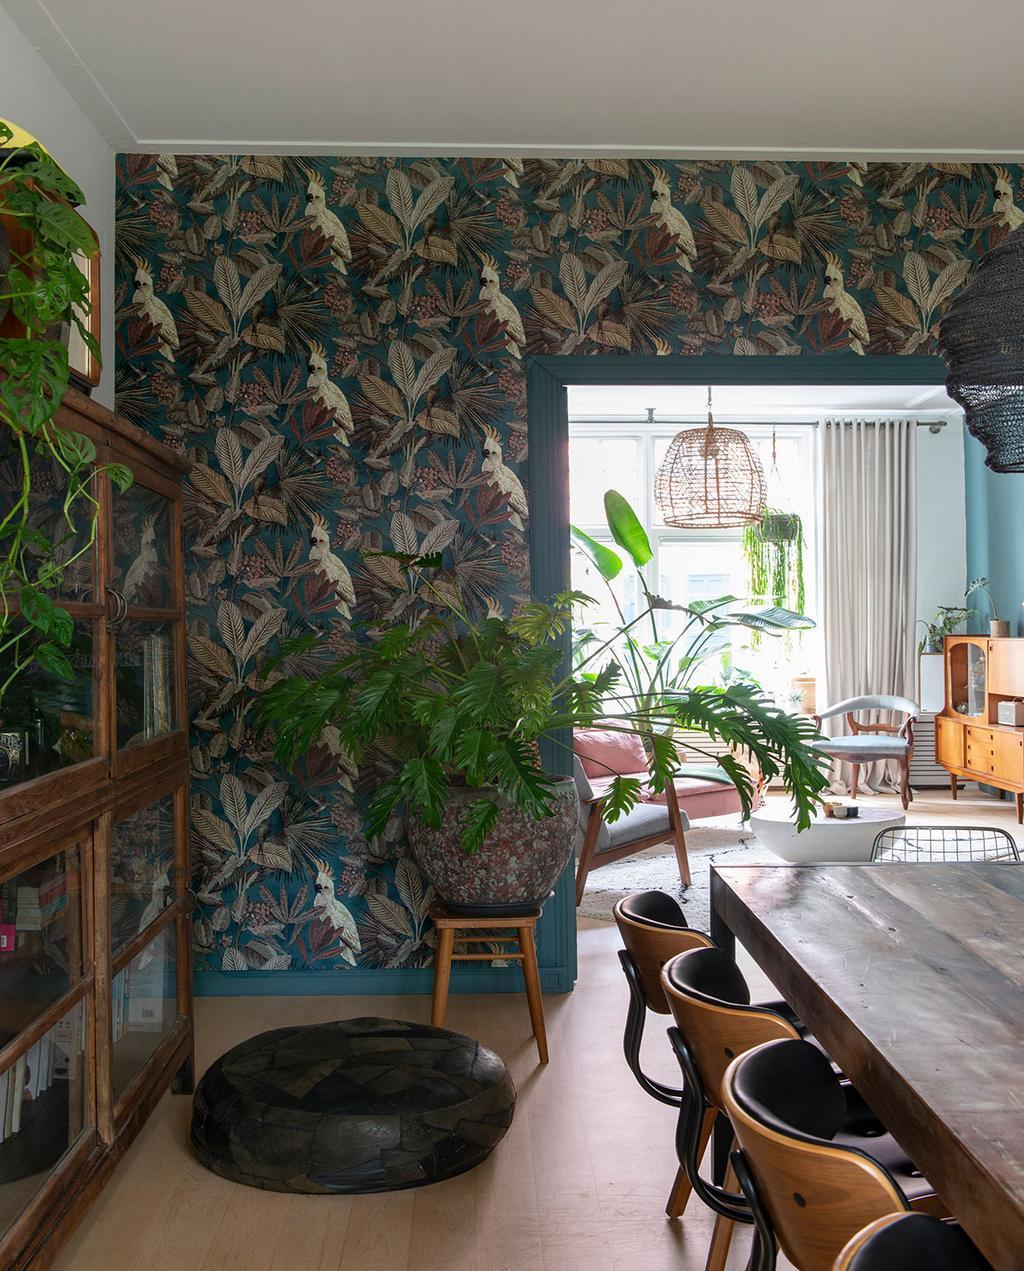 vtwonen 01-2021 | woonkamer muur met groen bloemenprint, houten tafel